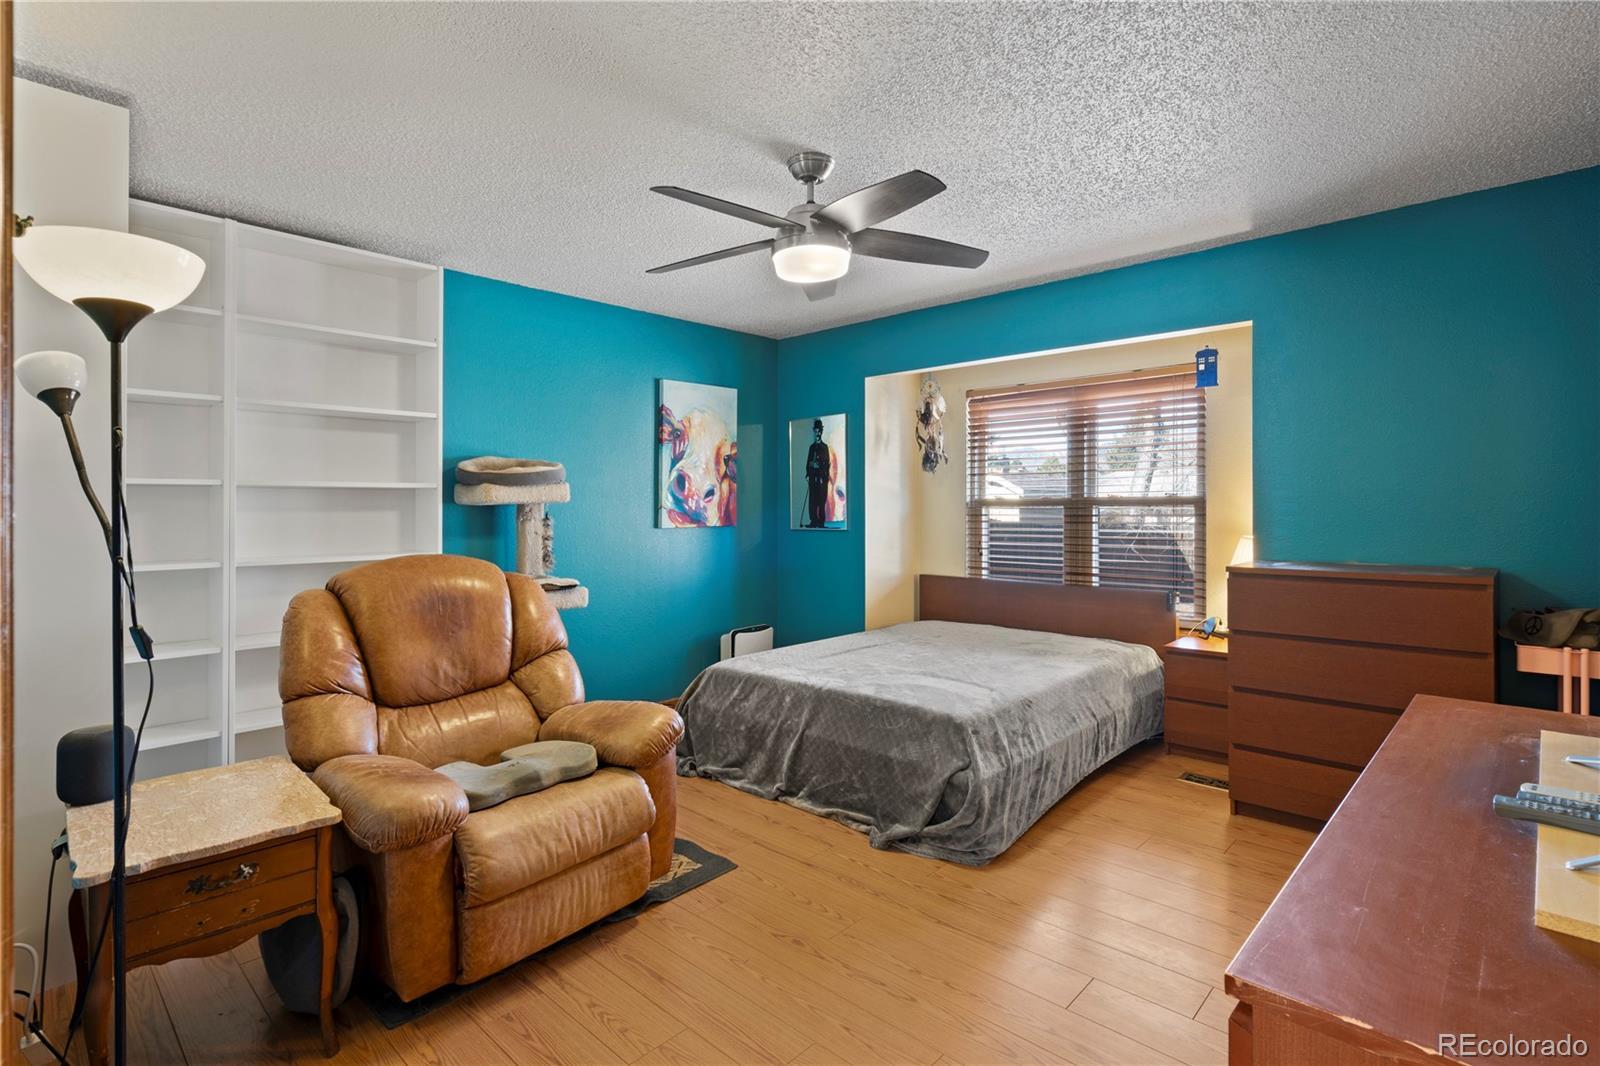 MLS# 1721256 - 13 - 6464 Wicklow Circle, Colorado Springs, CO 80918